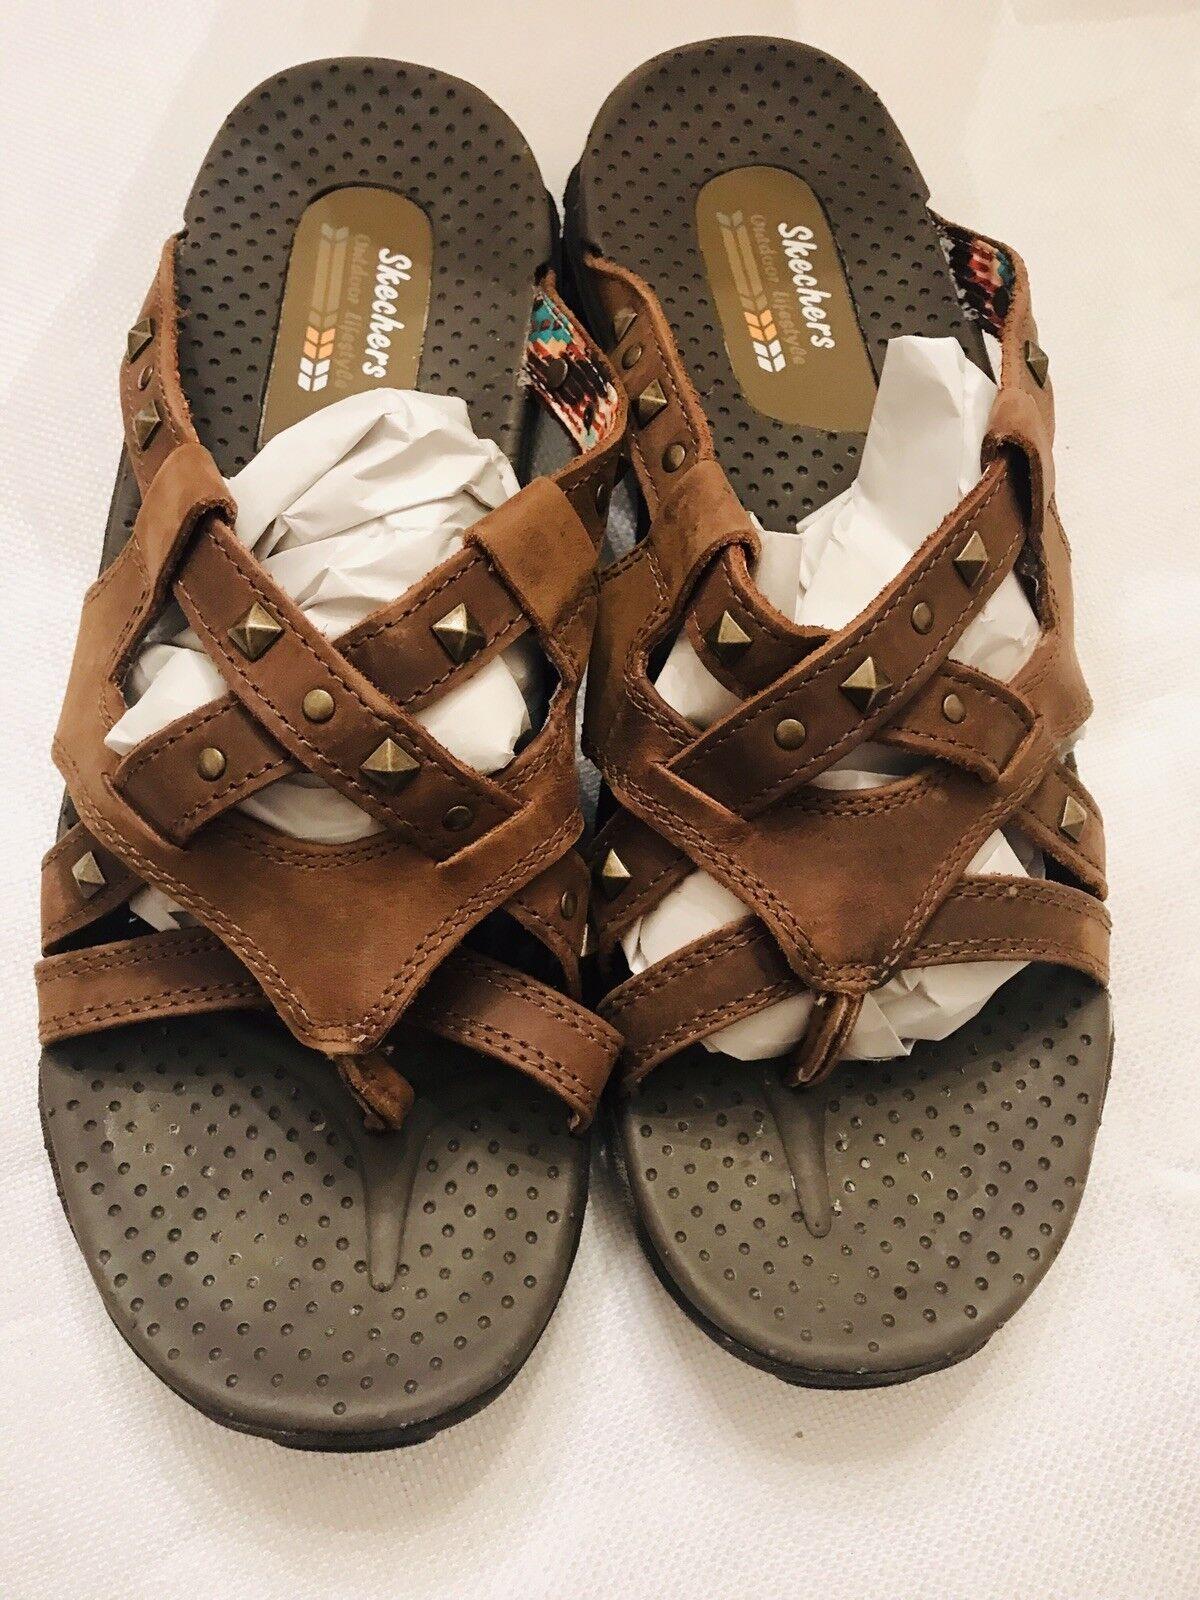 Skechers 10 Flip Flops Soundstage Reggae Brown Studded Leather Sandals EUC LKN